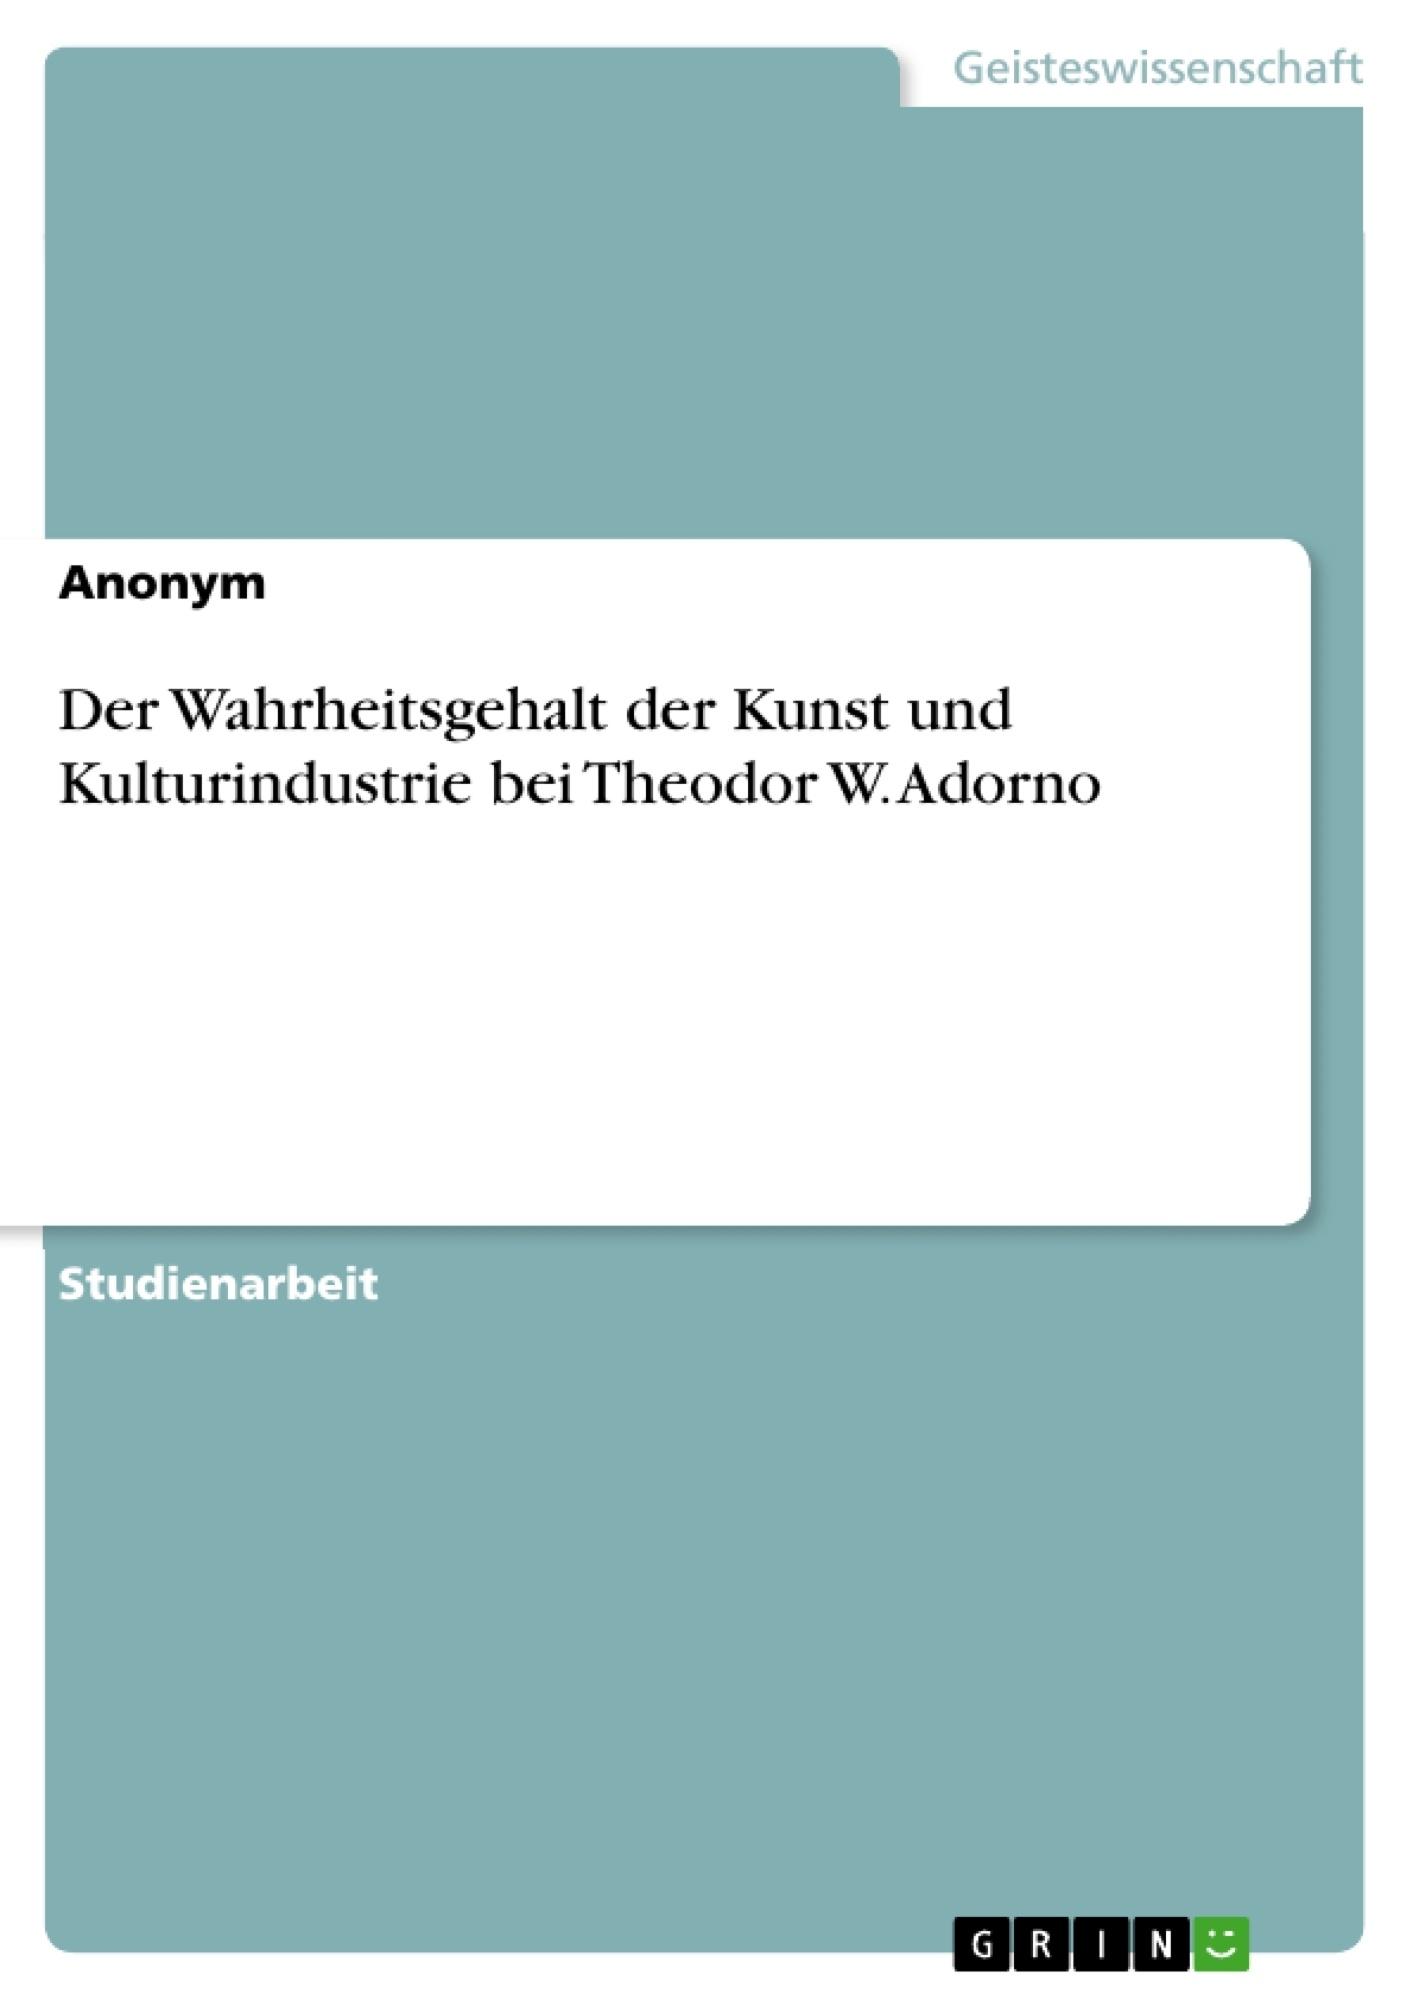 Titel: Der Wahrheitsgehalt der Kunst und Kulturindustrie bei Theodor W. Adorno